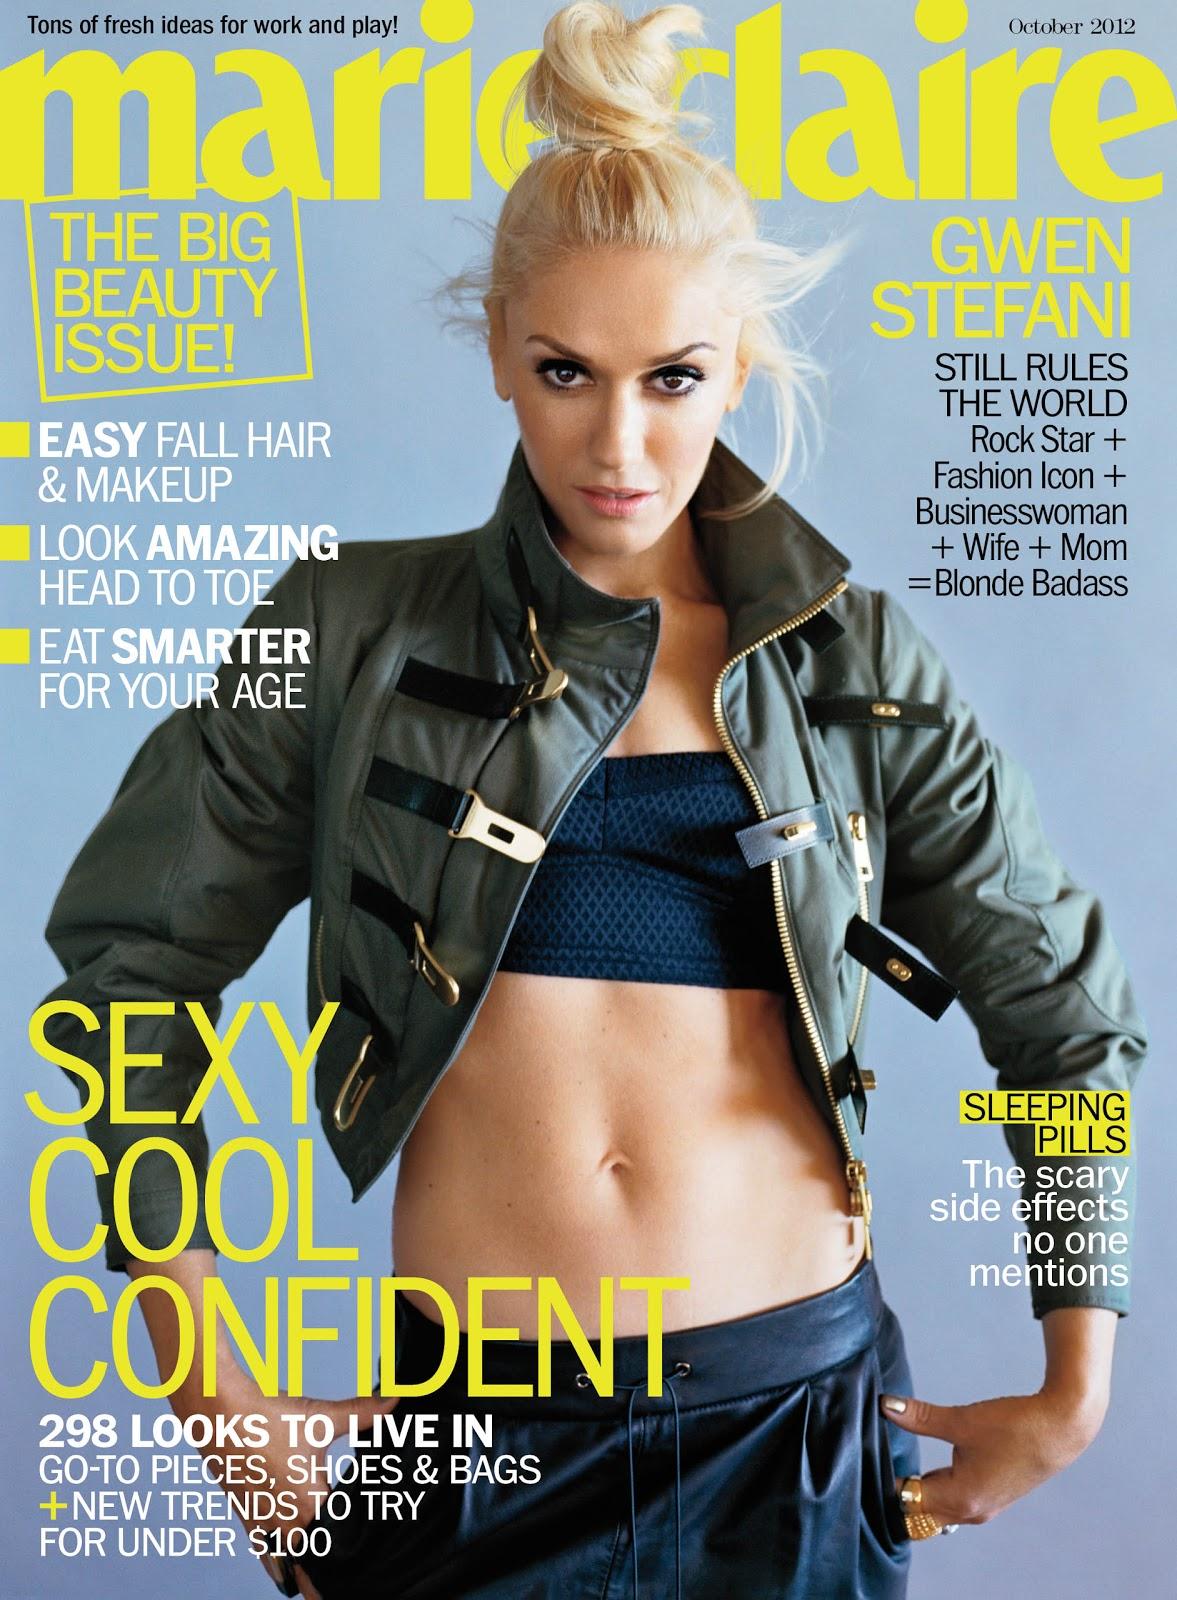 http://4.bp.blogspot.com/-em4lSVclRAk/UHMwHm2oeQI/AAAAAAAAGgo/e3XIt4tnS2I/s1600/Gwen+Stefani+talks+love+-+Marie+Claire+October+2012.jpg